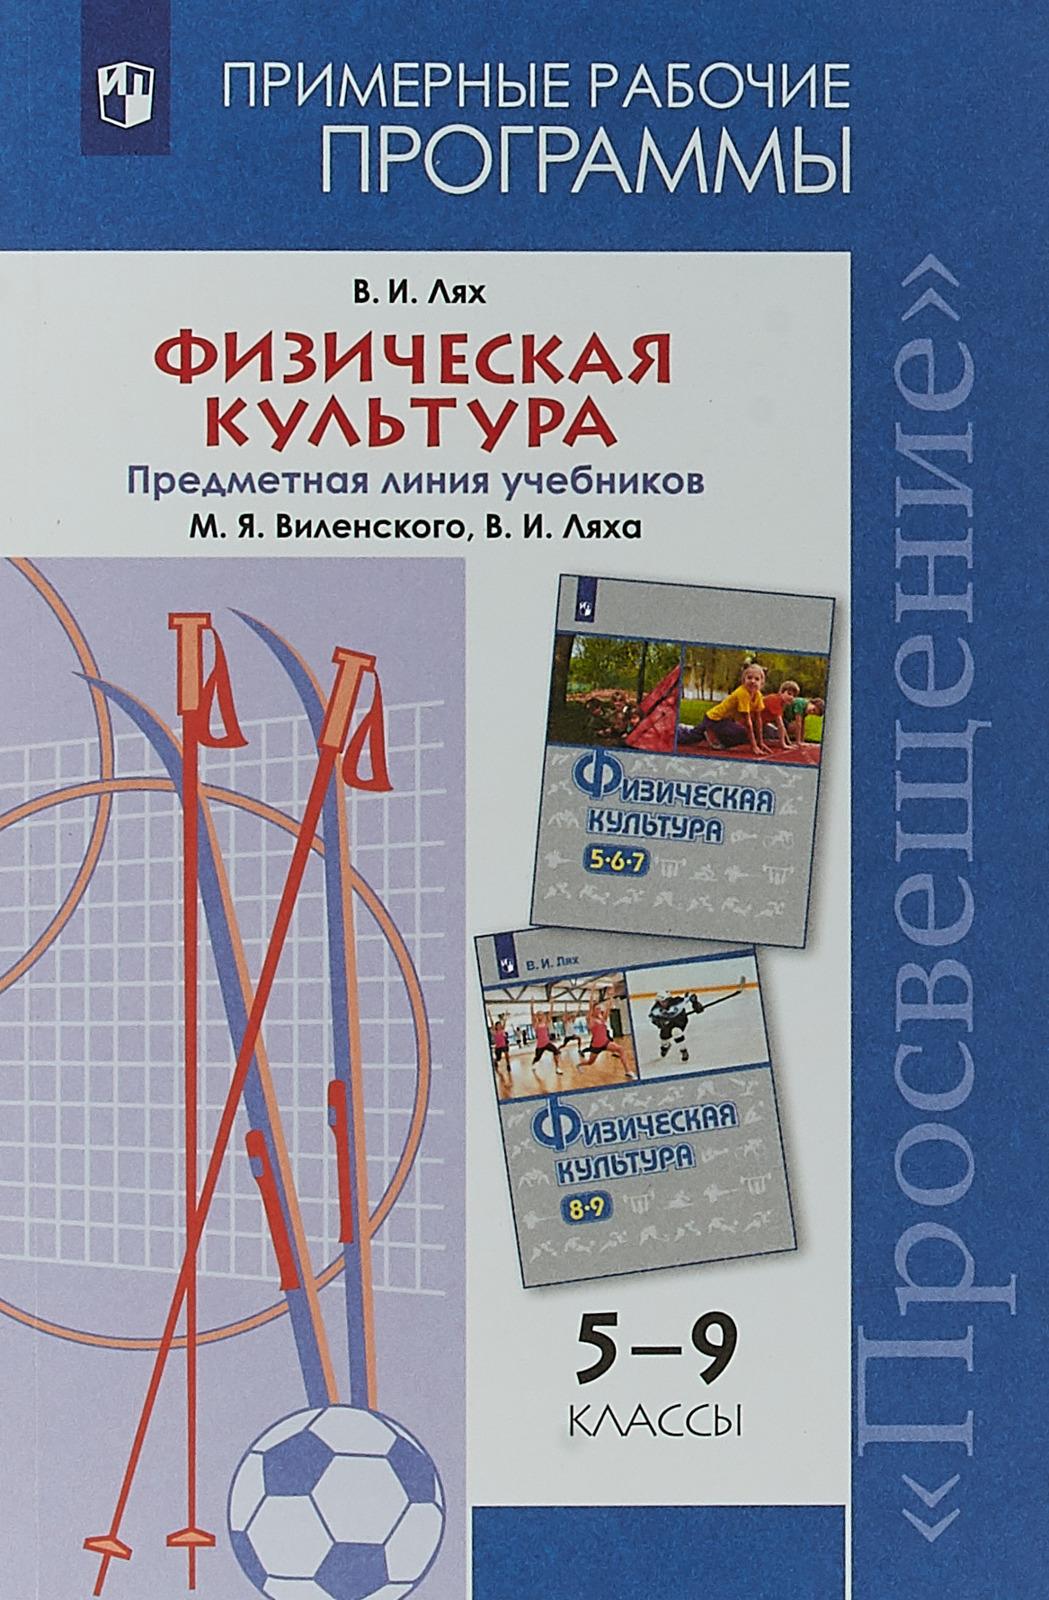 Физическая культура. Рабочие программы. Предметная линия учебников М. Я. Виленского, В. И. Ляха. 5-9